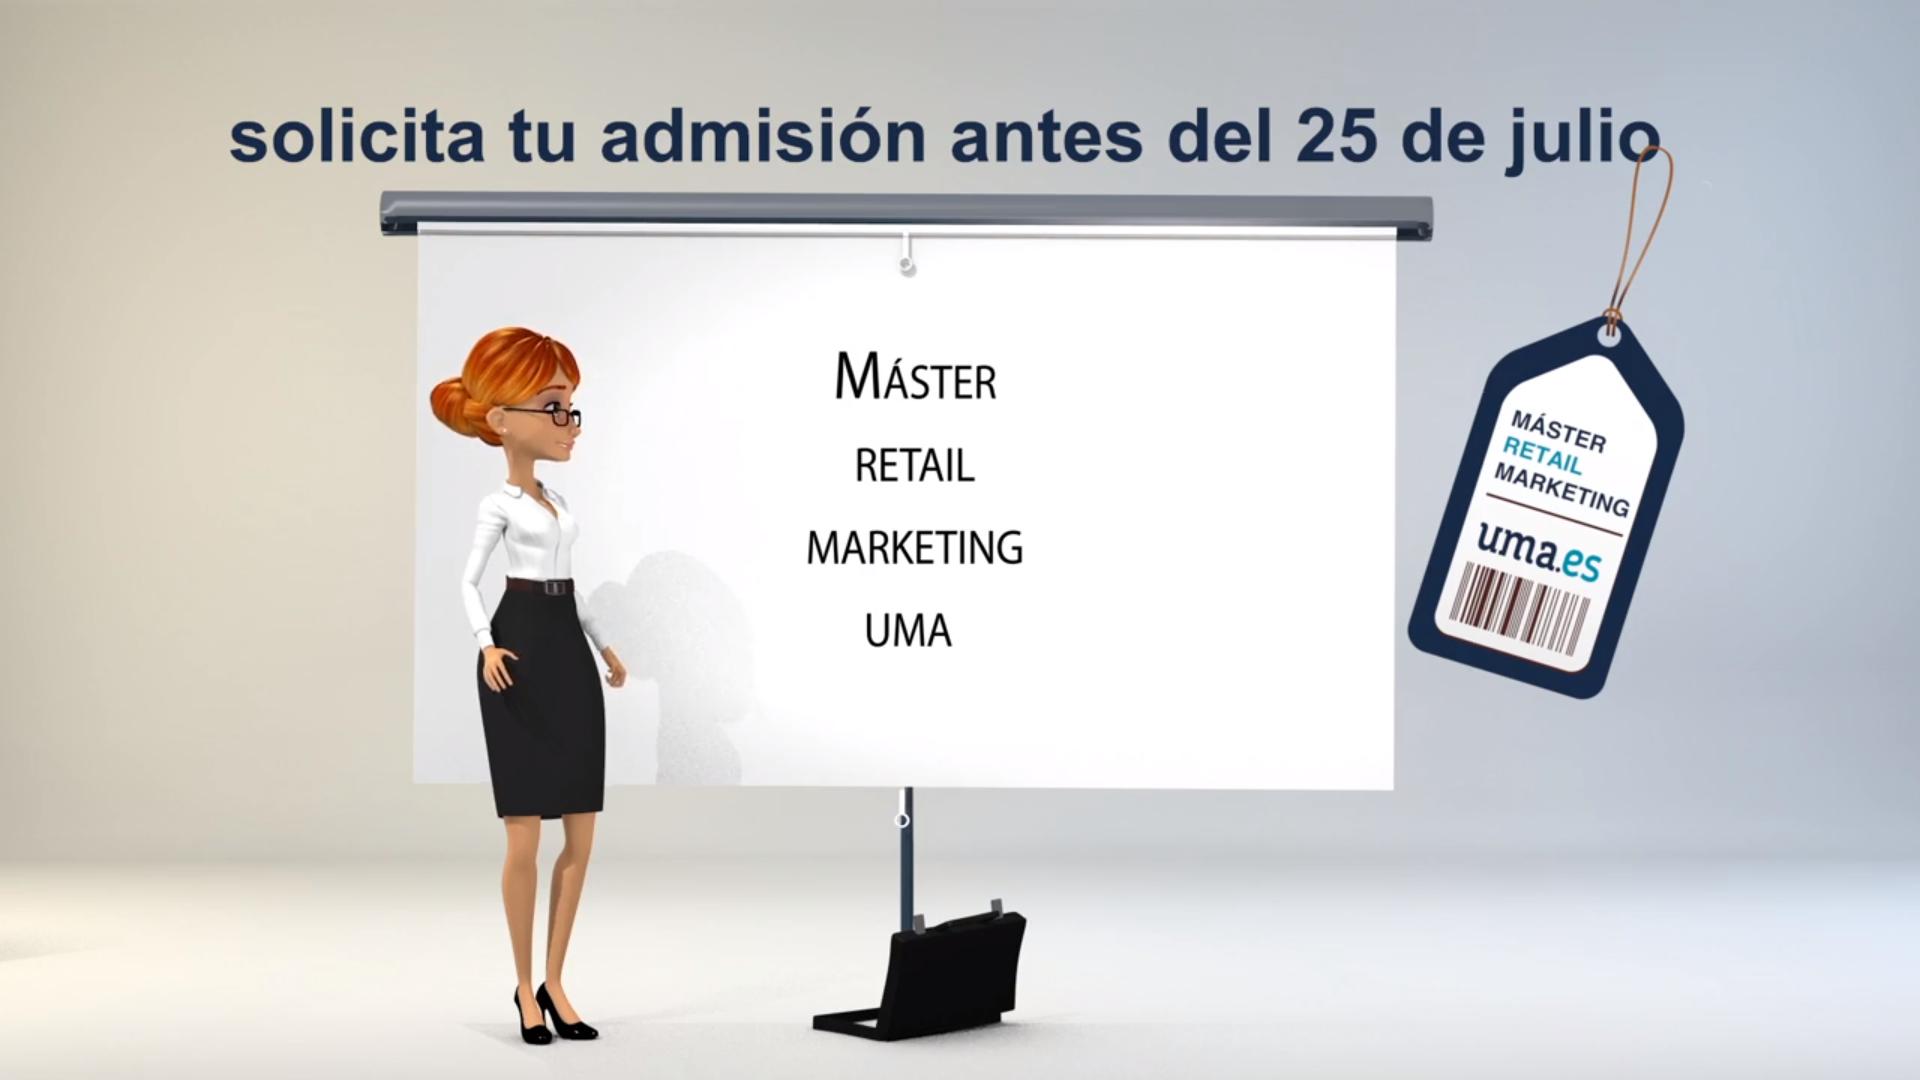 Consulta nuestro video resumen del Máster en Retail Marketing